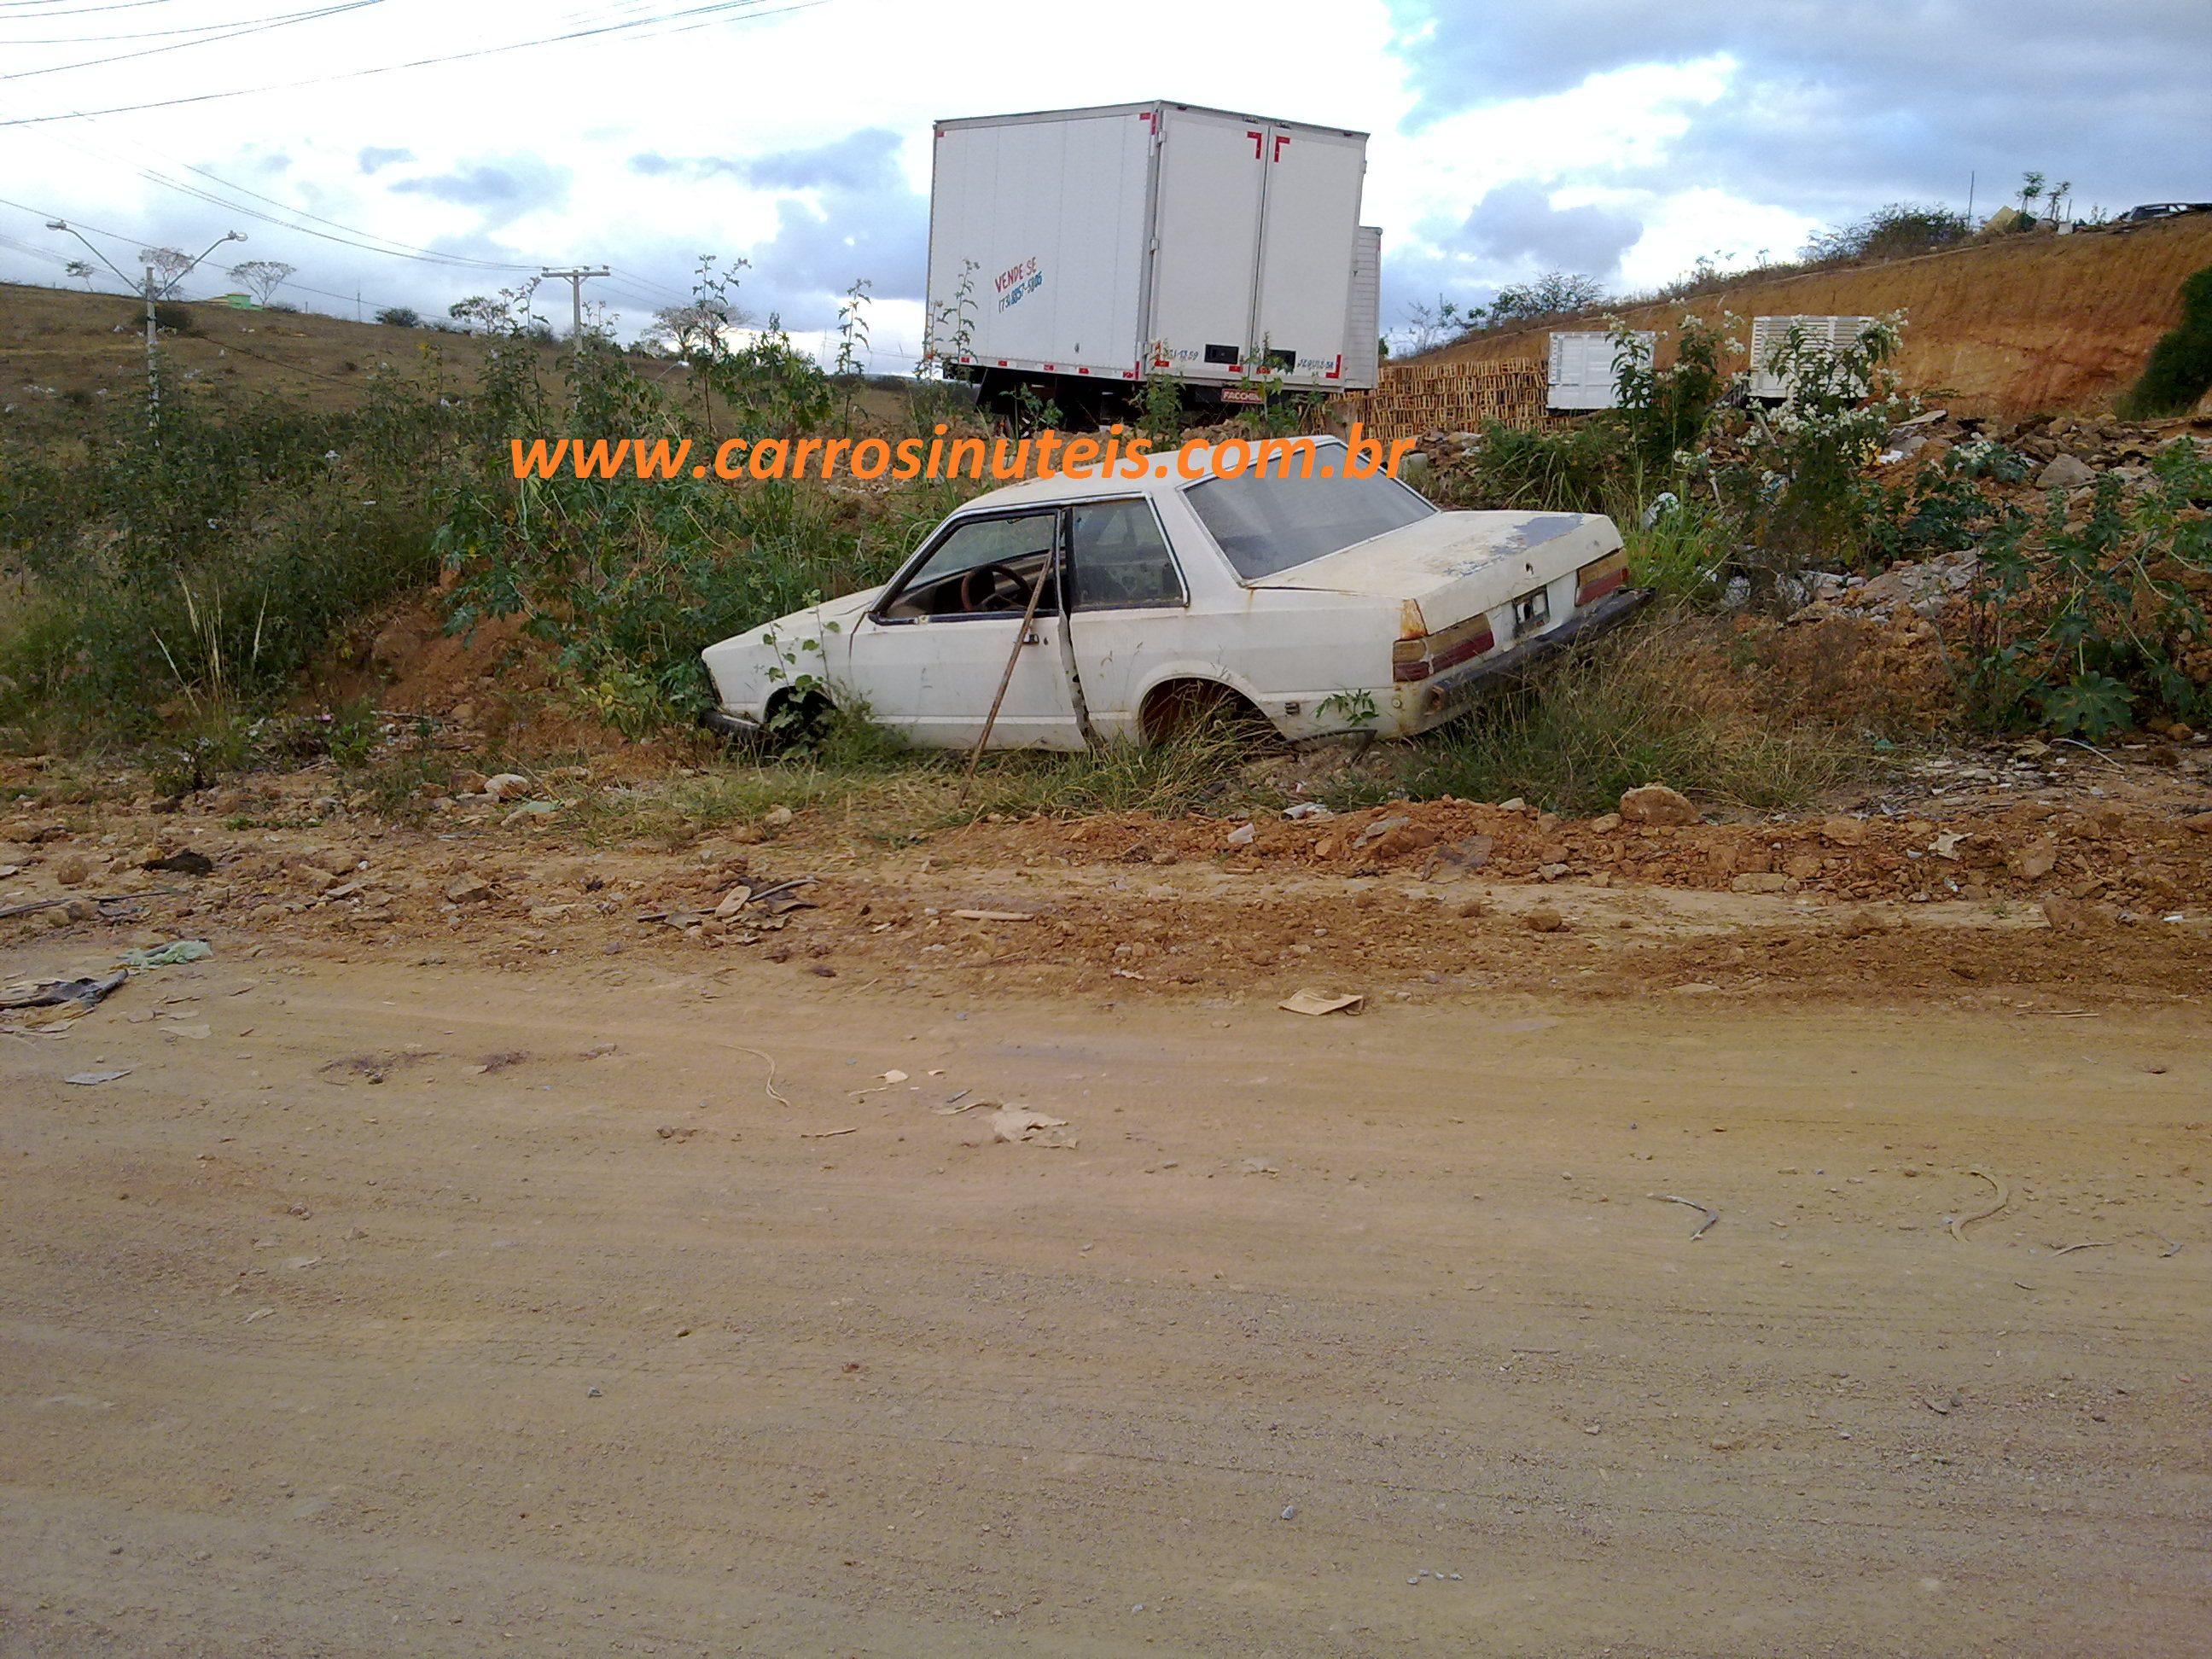 junin-ford-del-rey-jaguaquara-bahia Ford Del Rey, BY Junin, Jaguaquara, BA